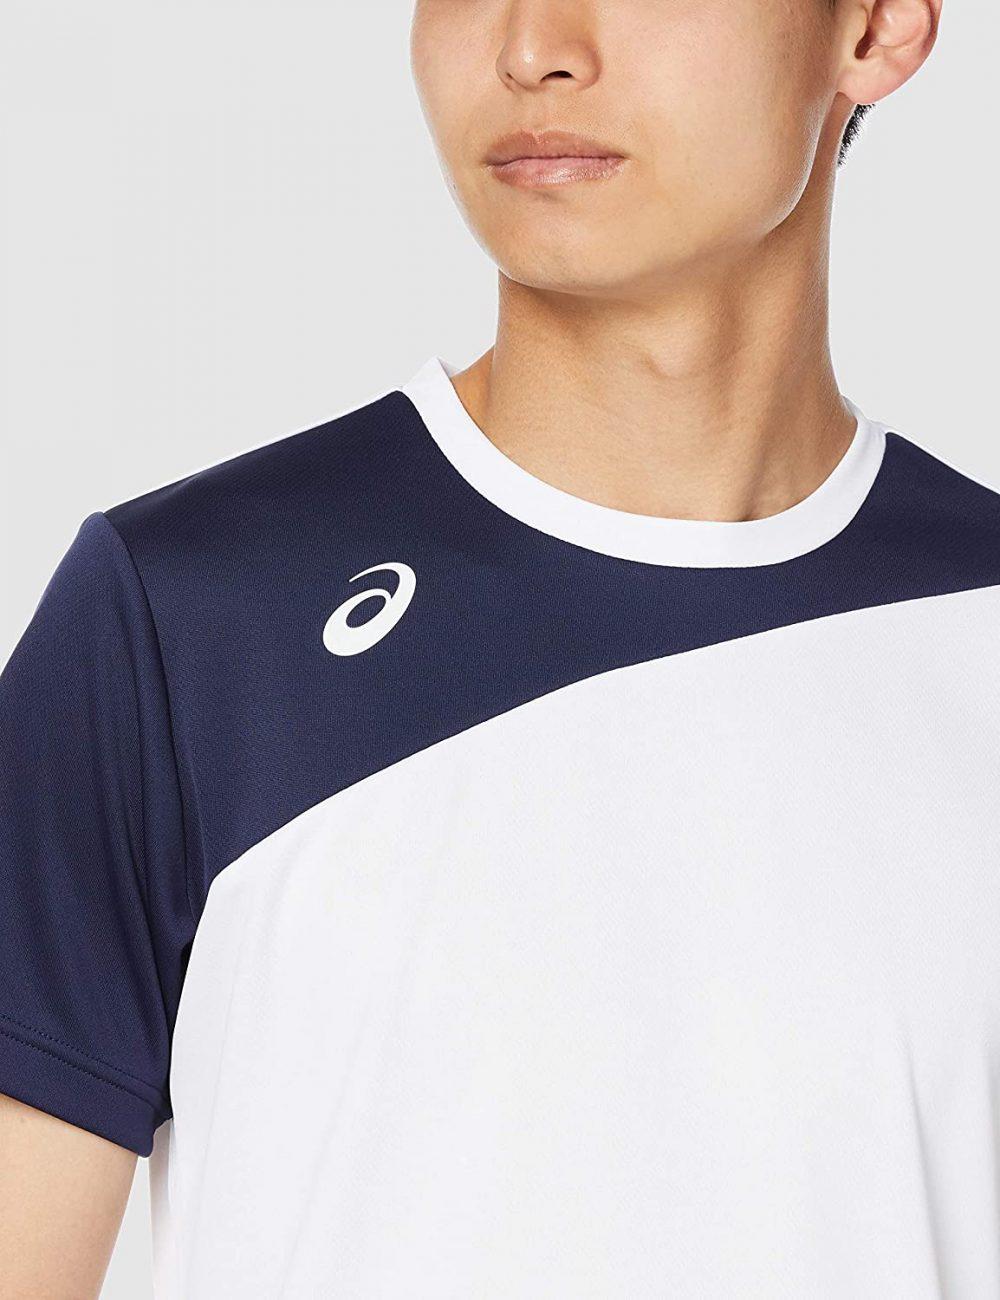 [アシックス] 【Amazon.co.jp限定】トレーニングウエア カラーブロックワンポイント半袖シャツ 2031C006 メンズ